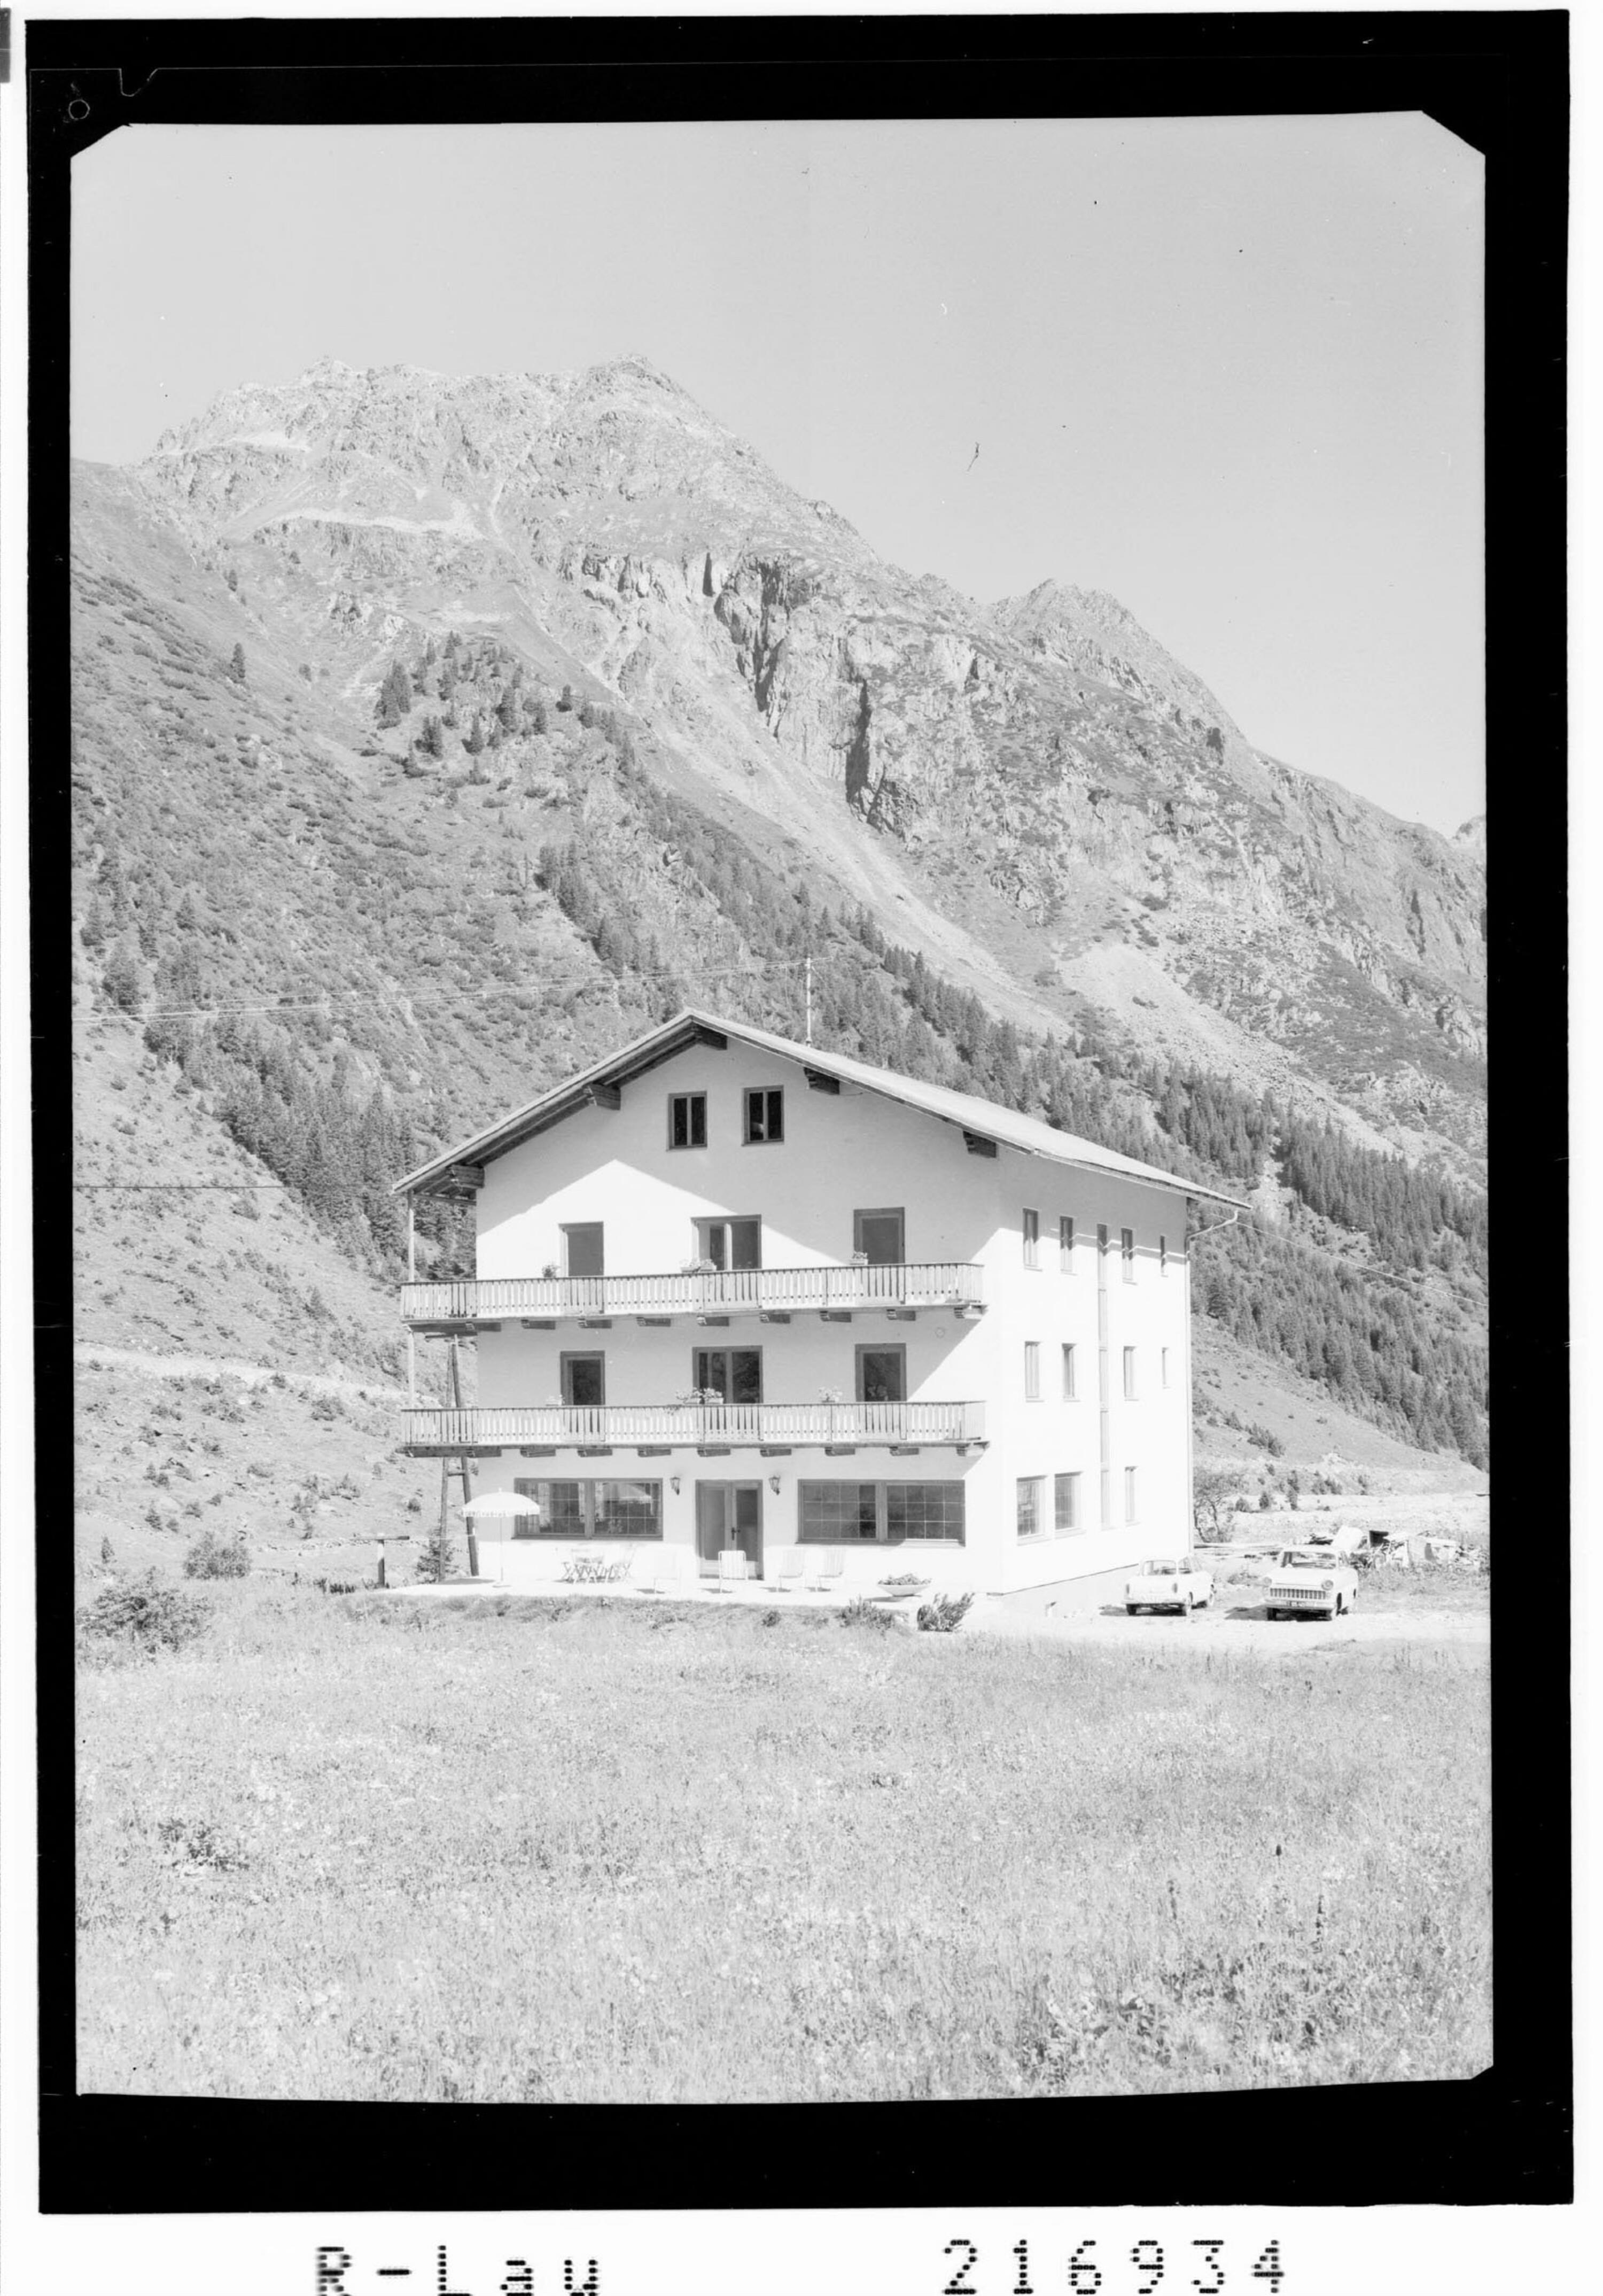 Gasthof Gletscherblick in Mittelberg im Pitztal gegen Brandkogel und Steinkogel von Risch-Lau